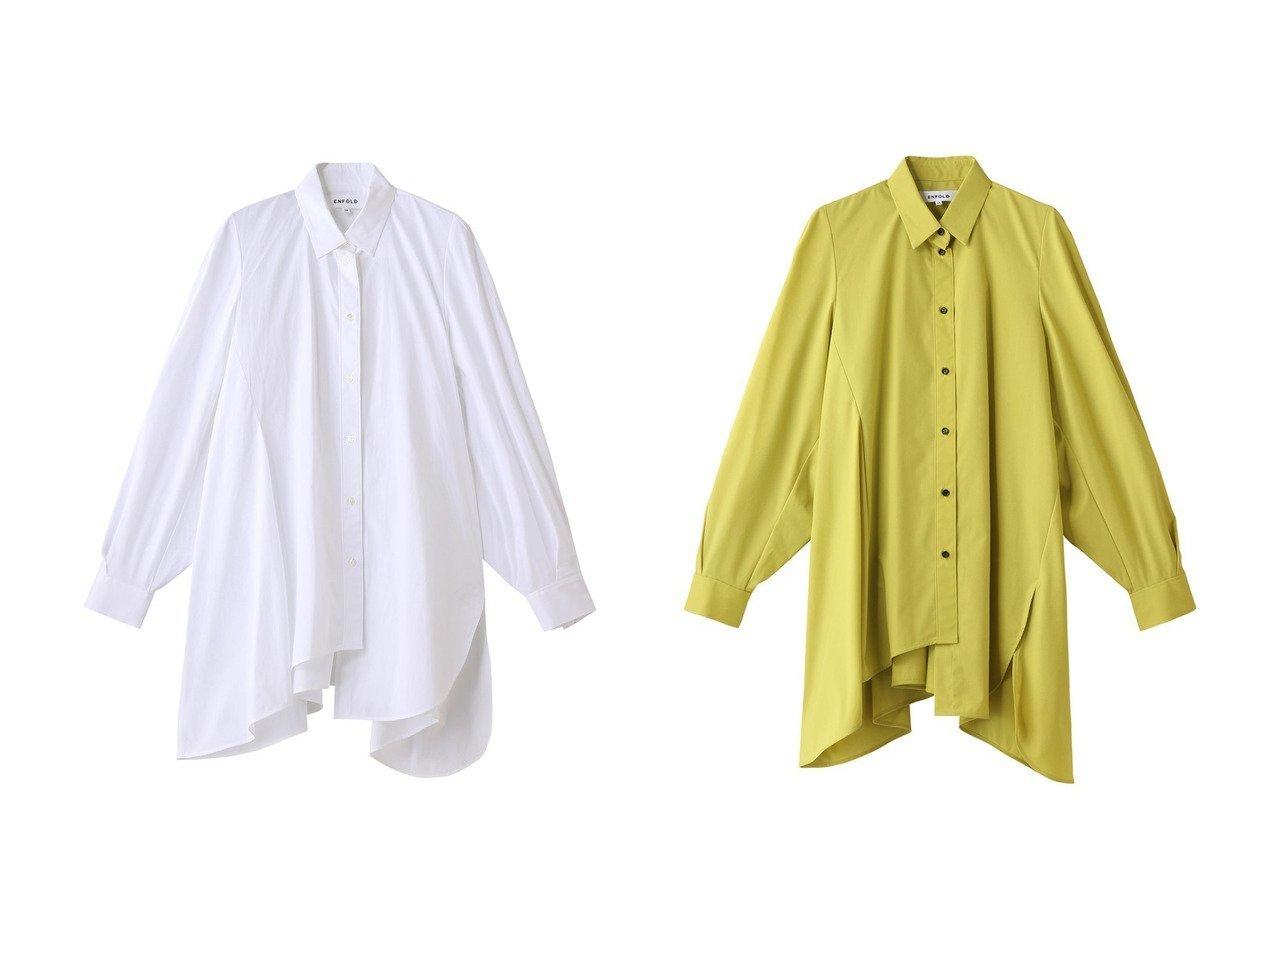 【ENFOLD/エンフォルド】のSOMELOS ランダムフレアシャツ&PEブロード ランダムフレアシャツ 【トップス・カットソー】おすすめ!人気、トレンド・レディースファッションの通販 おすすめで人気の流行・トレンド、ファッションの通販商品 メンズファッション・キッズファッション・インテリア・家具・レディースファッション・服の通販 founy(ファニー) https://founy.com/ ファッション Fashion レディースファッション WOMEN トップス・カットソー Tops/Tshirt シャツ/ブラウス Shirts/Blouses アシンメトリー スリーブ ドレープ フレア ロング S/S・春夏 SS・Spring/Summer ブロード 春 Spring  ID:crp329100000032690